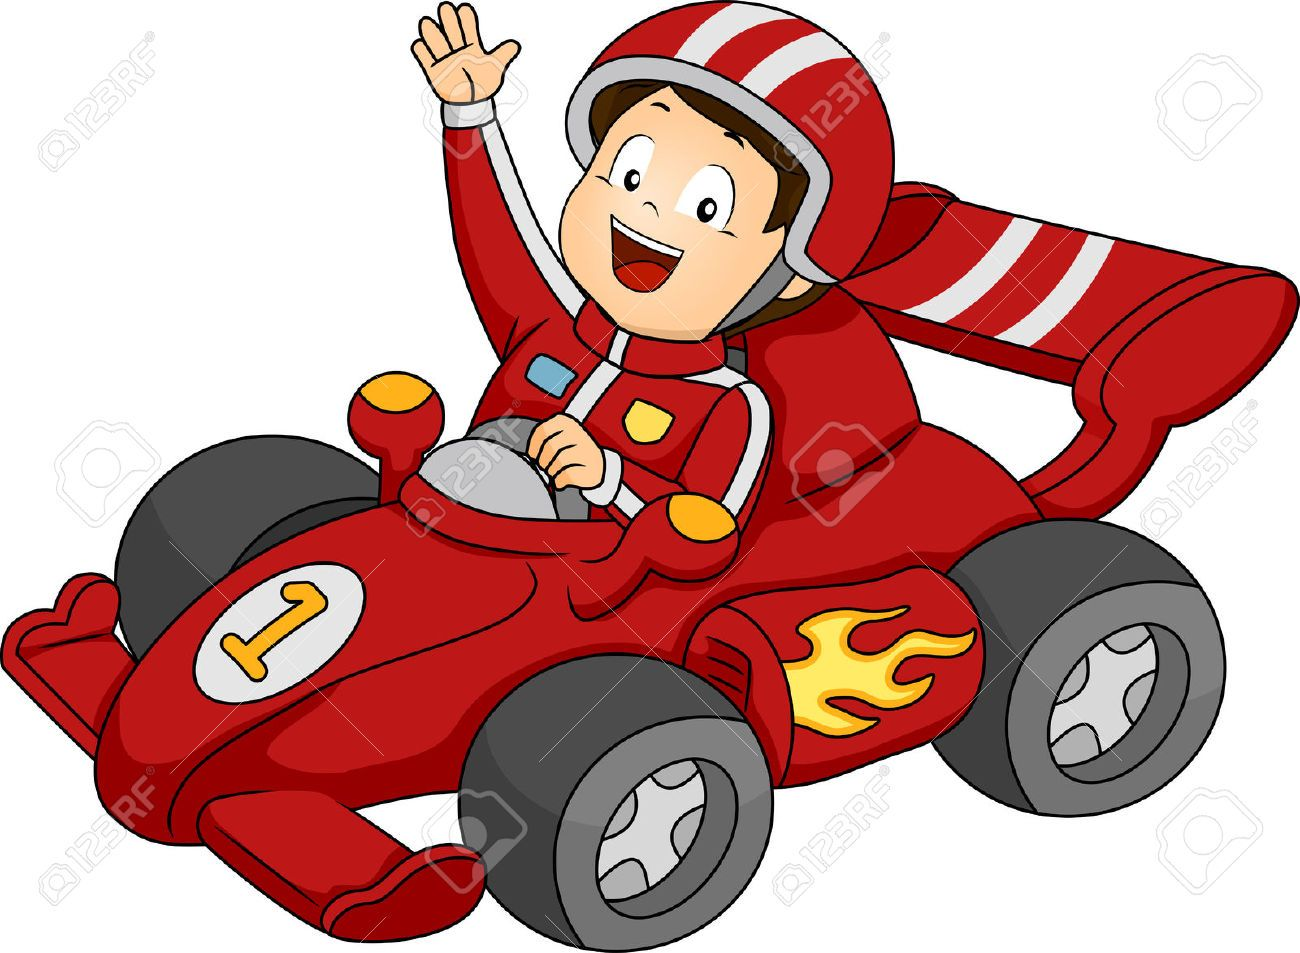 Race Car Clipart Cartoon With Images Cartoon Race Car Party